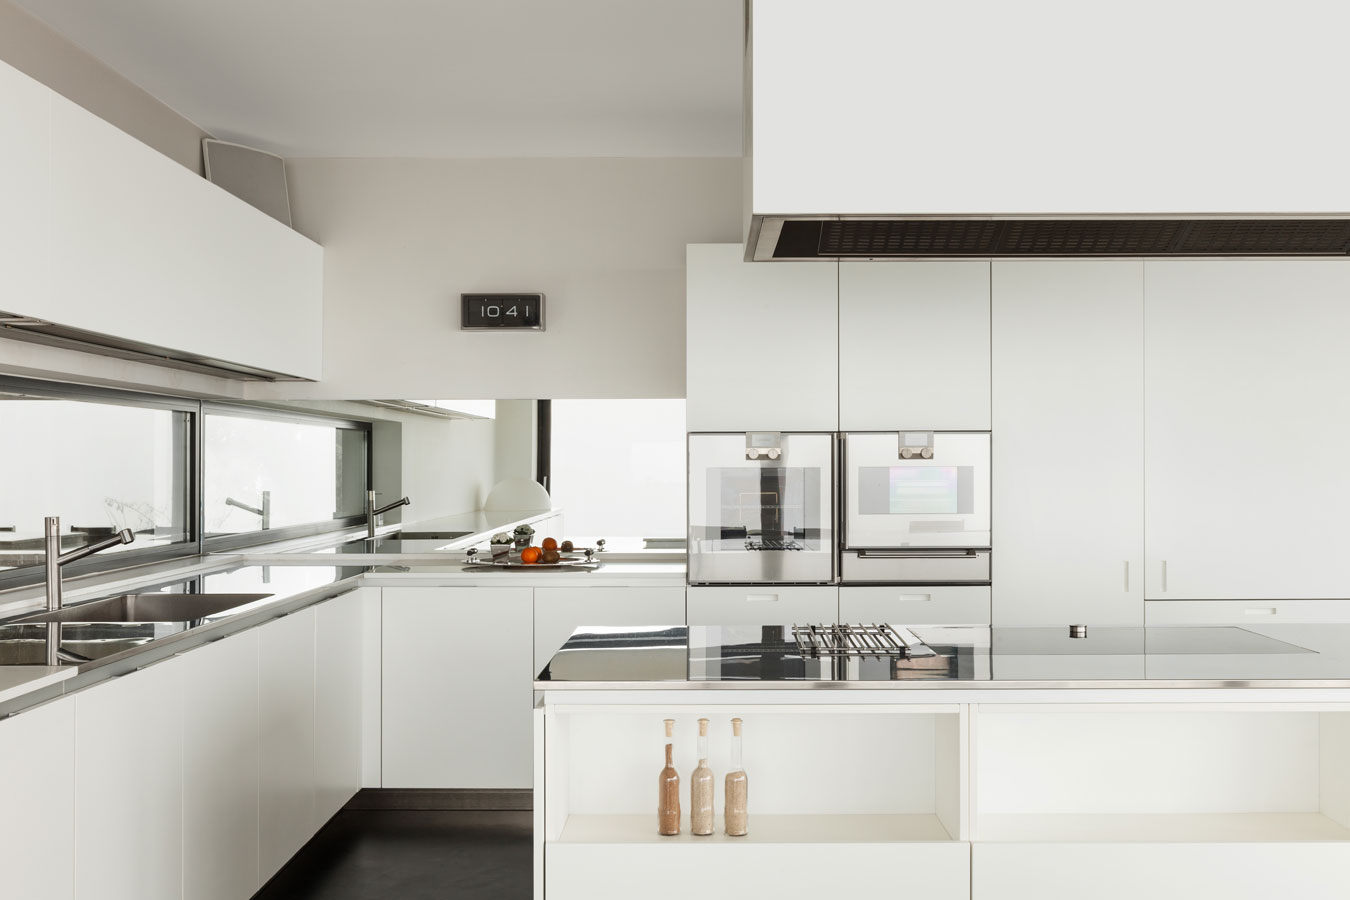 Keuken idee n tips keukens ontwerpen inspiratie foto 39 s - Keuken originele keuken ...